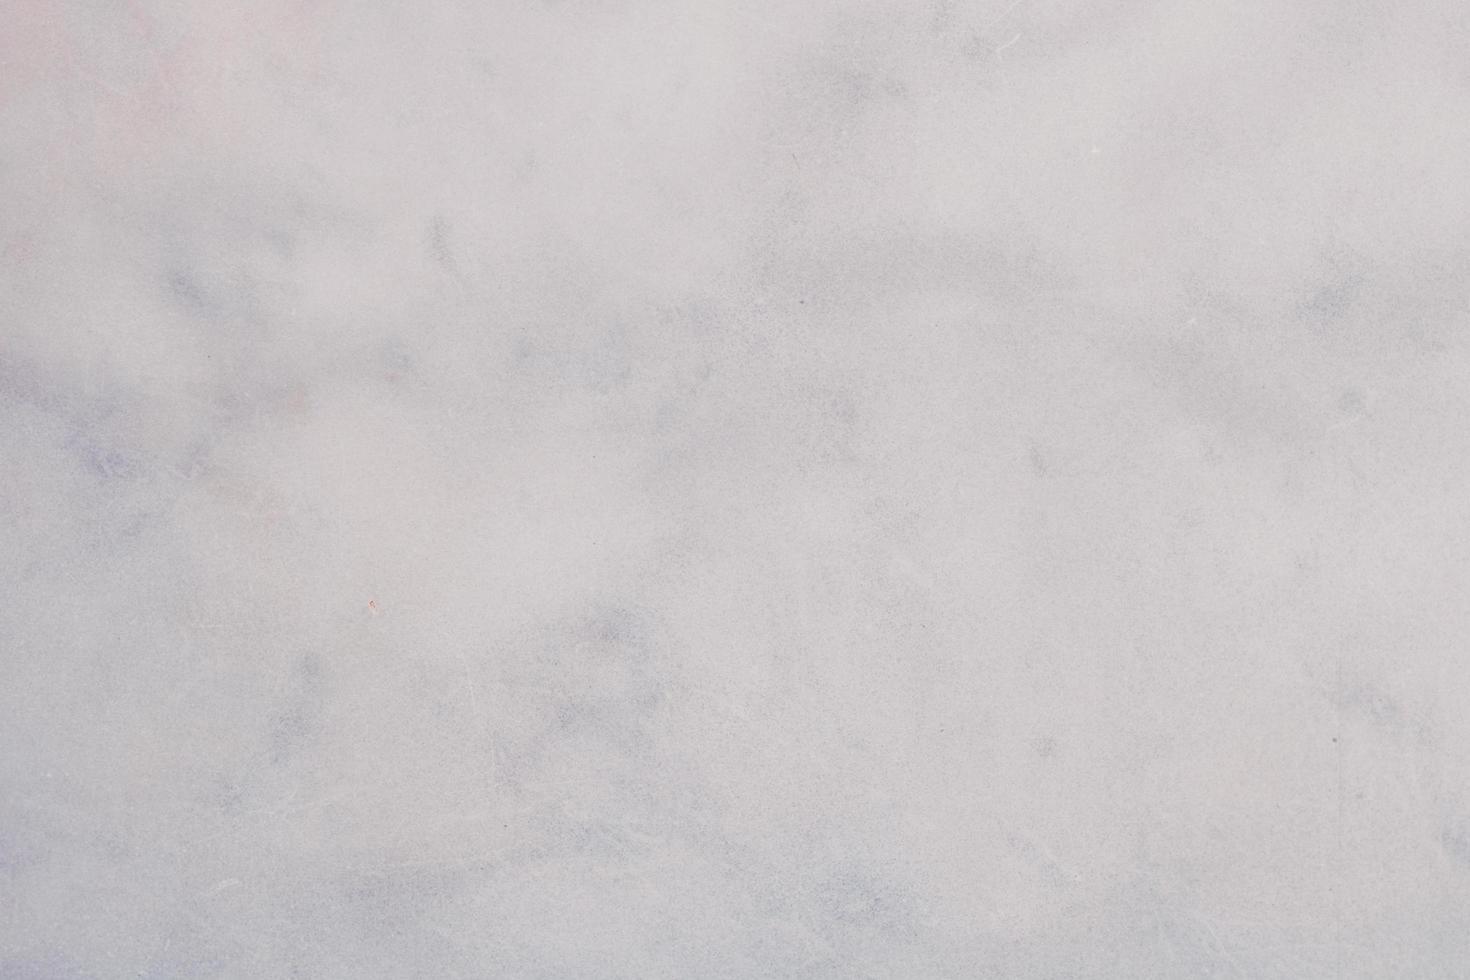 sfondo muro di cemento bianco e grigio foto